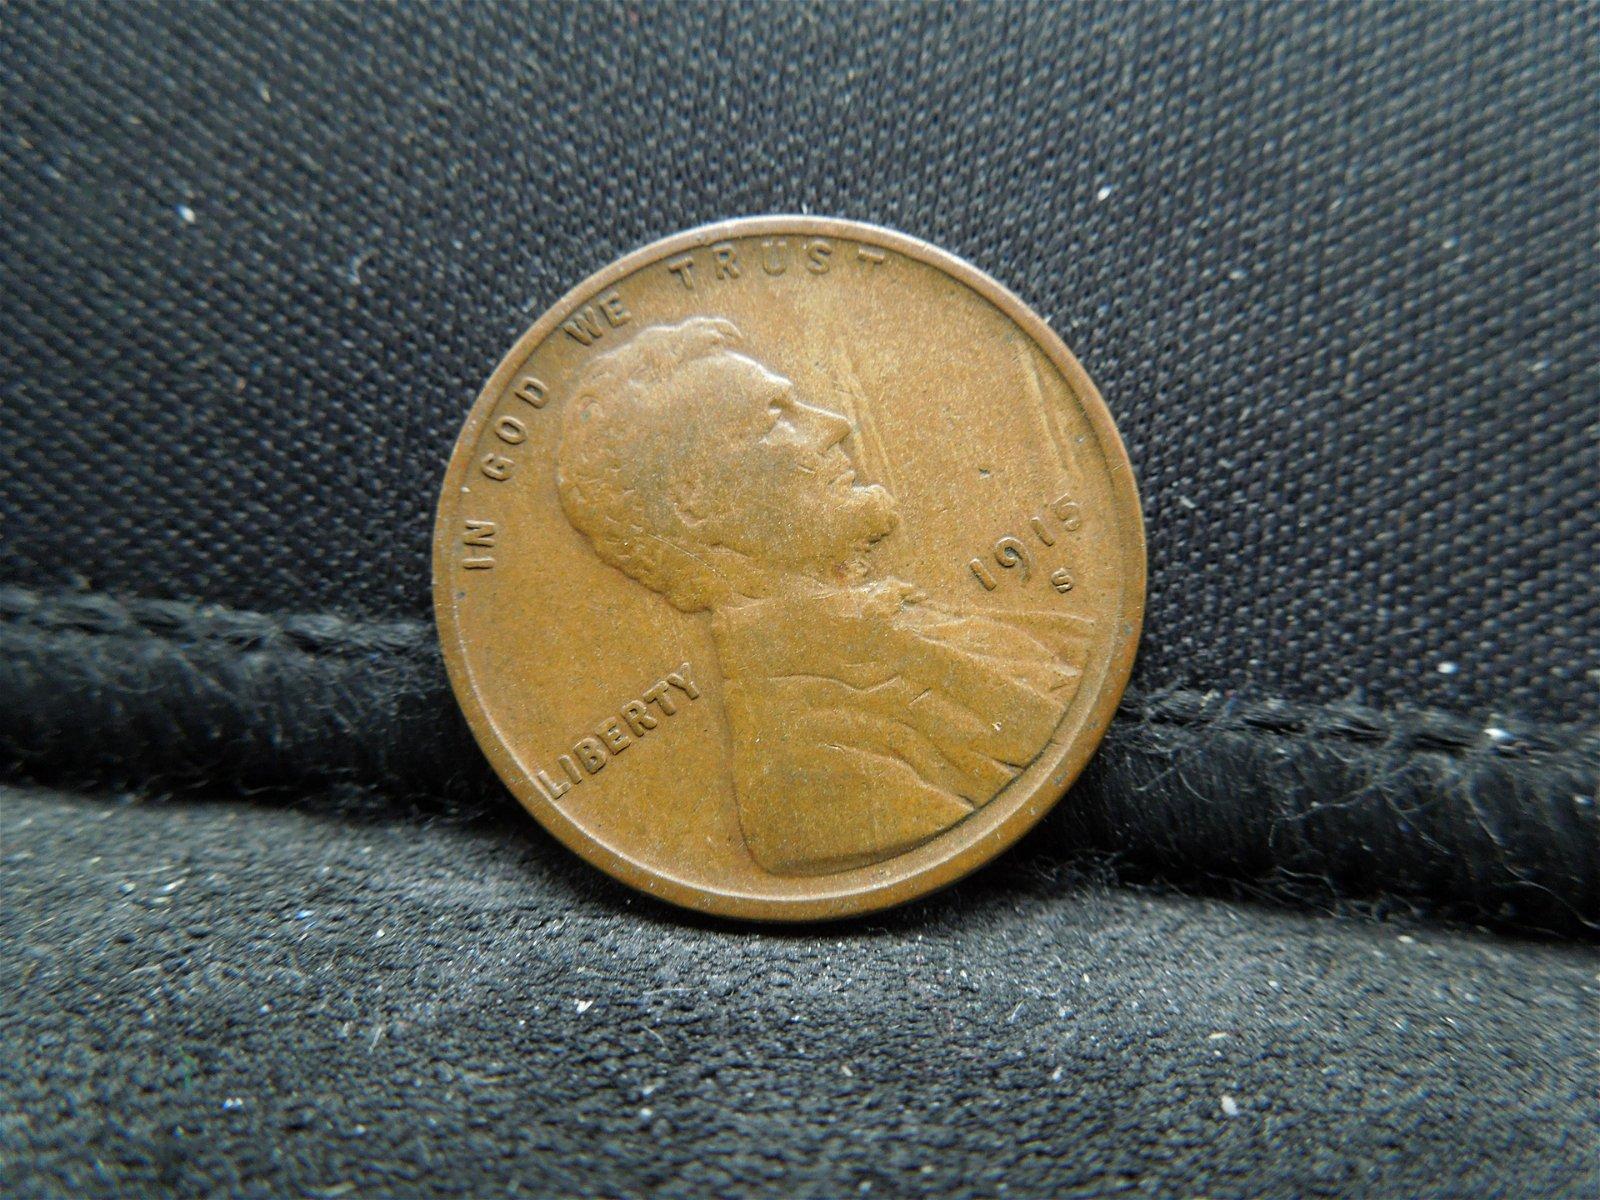 1915-S Semi-Key Date Lincoln Head Cent.